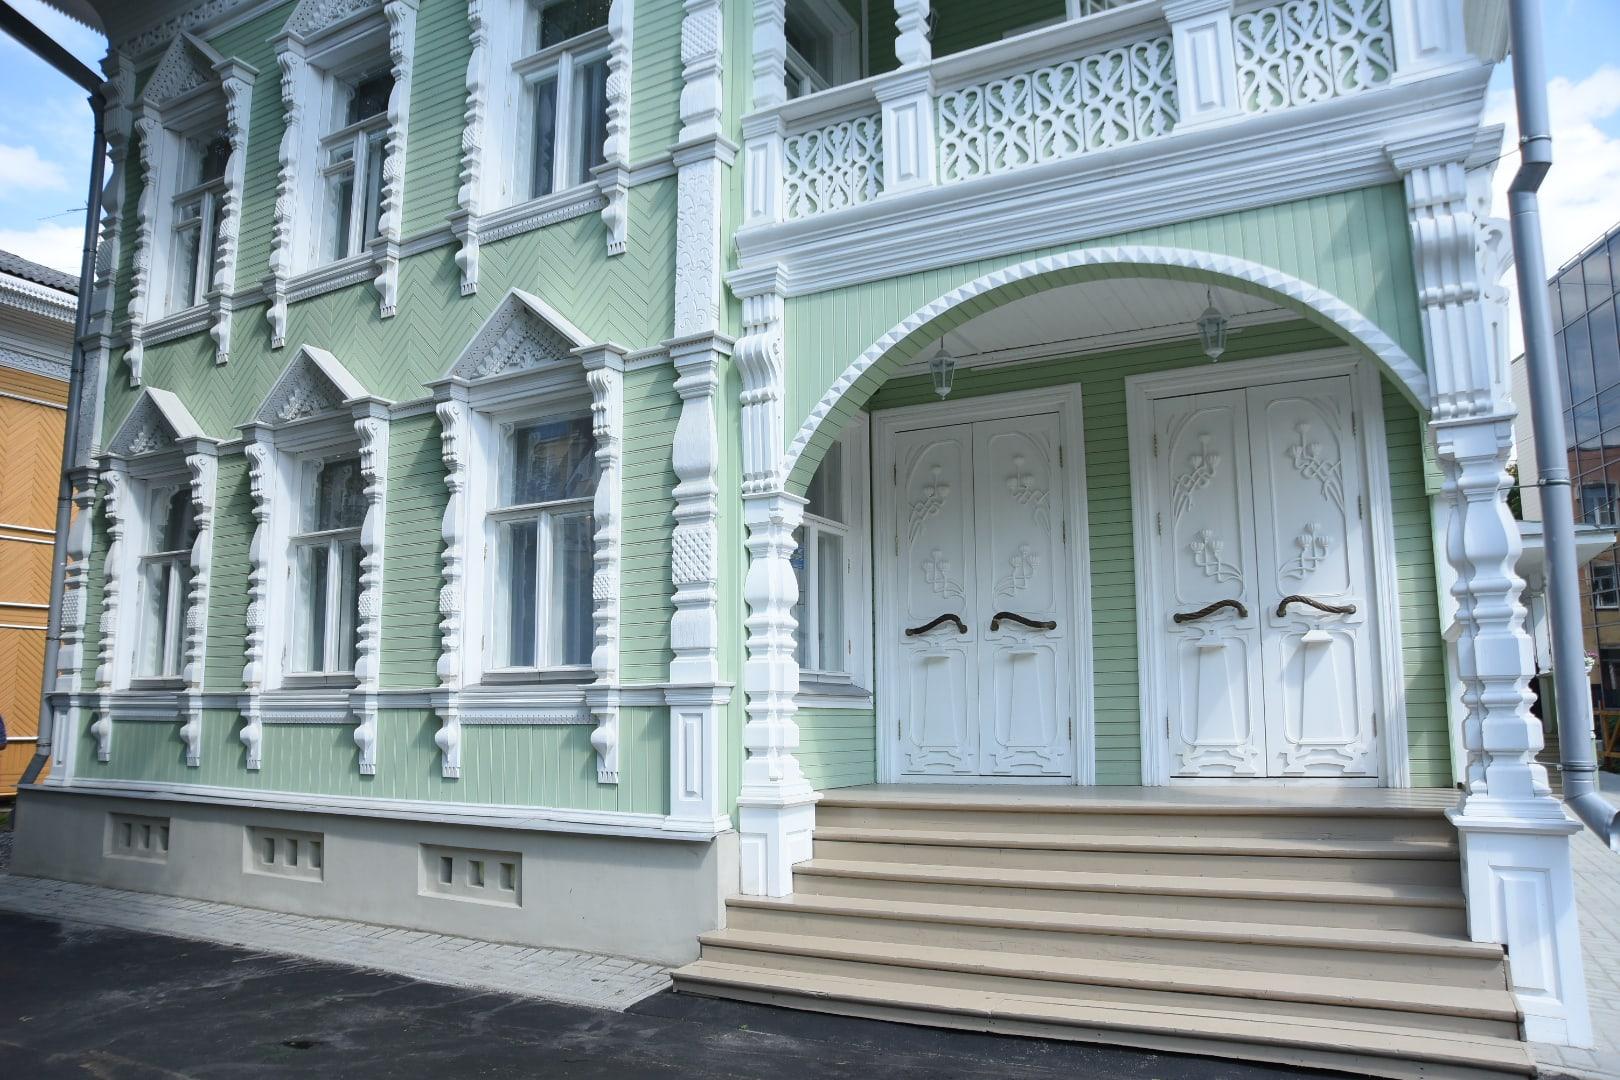 ВВологде спустя семь лет после начала работ завершили реставрацию «Дома кружевниц»